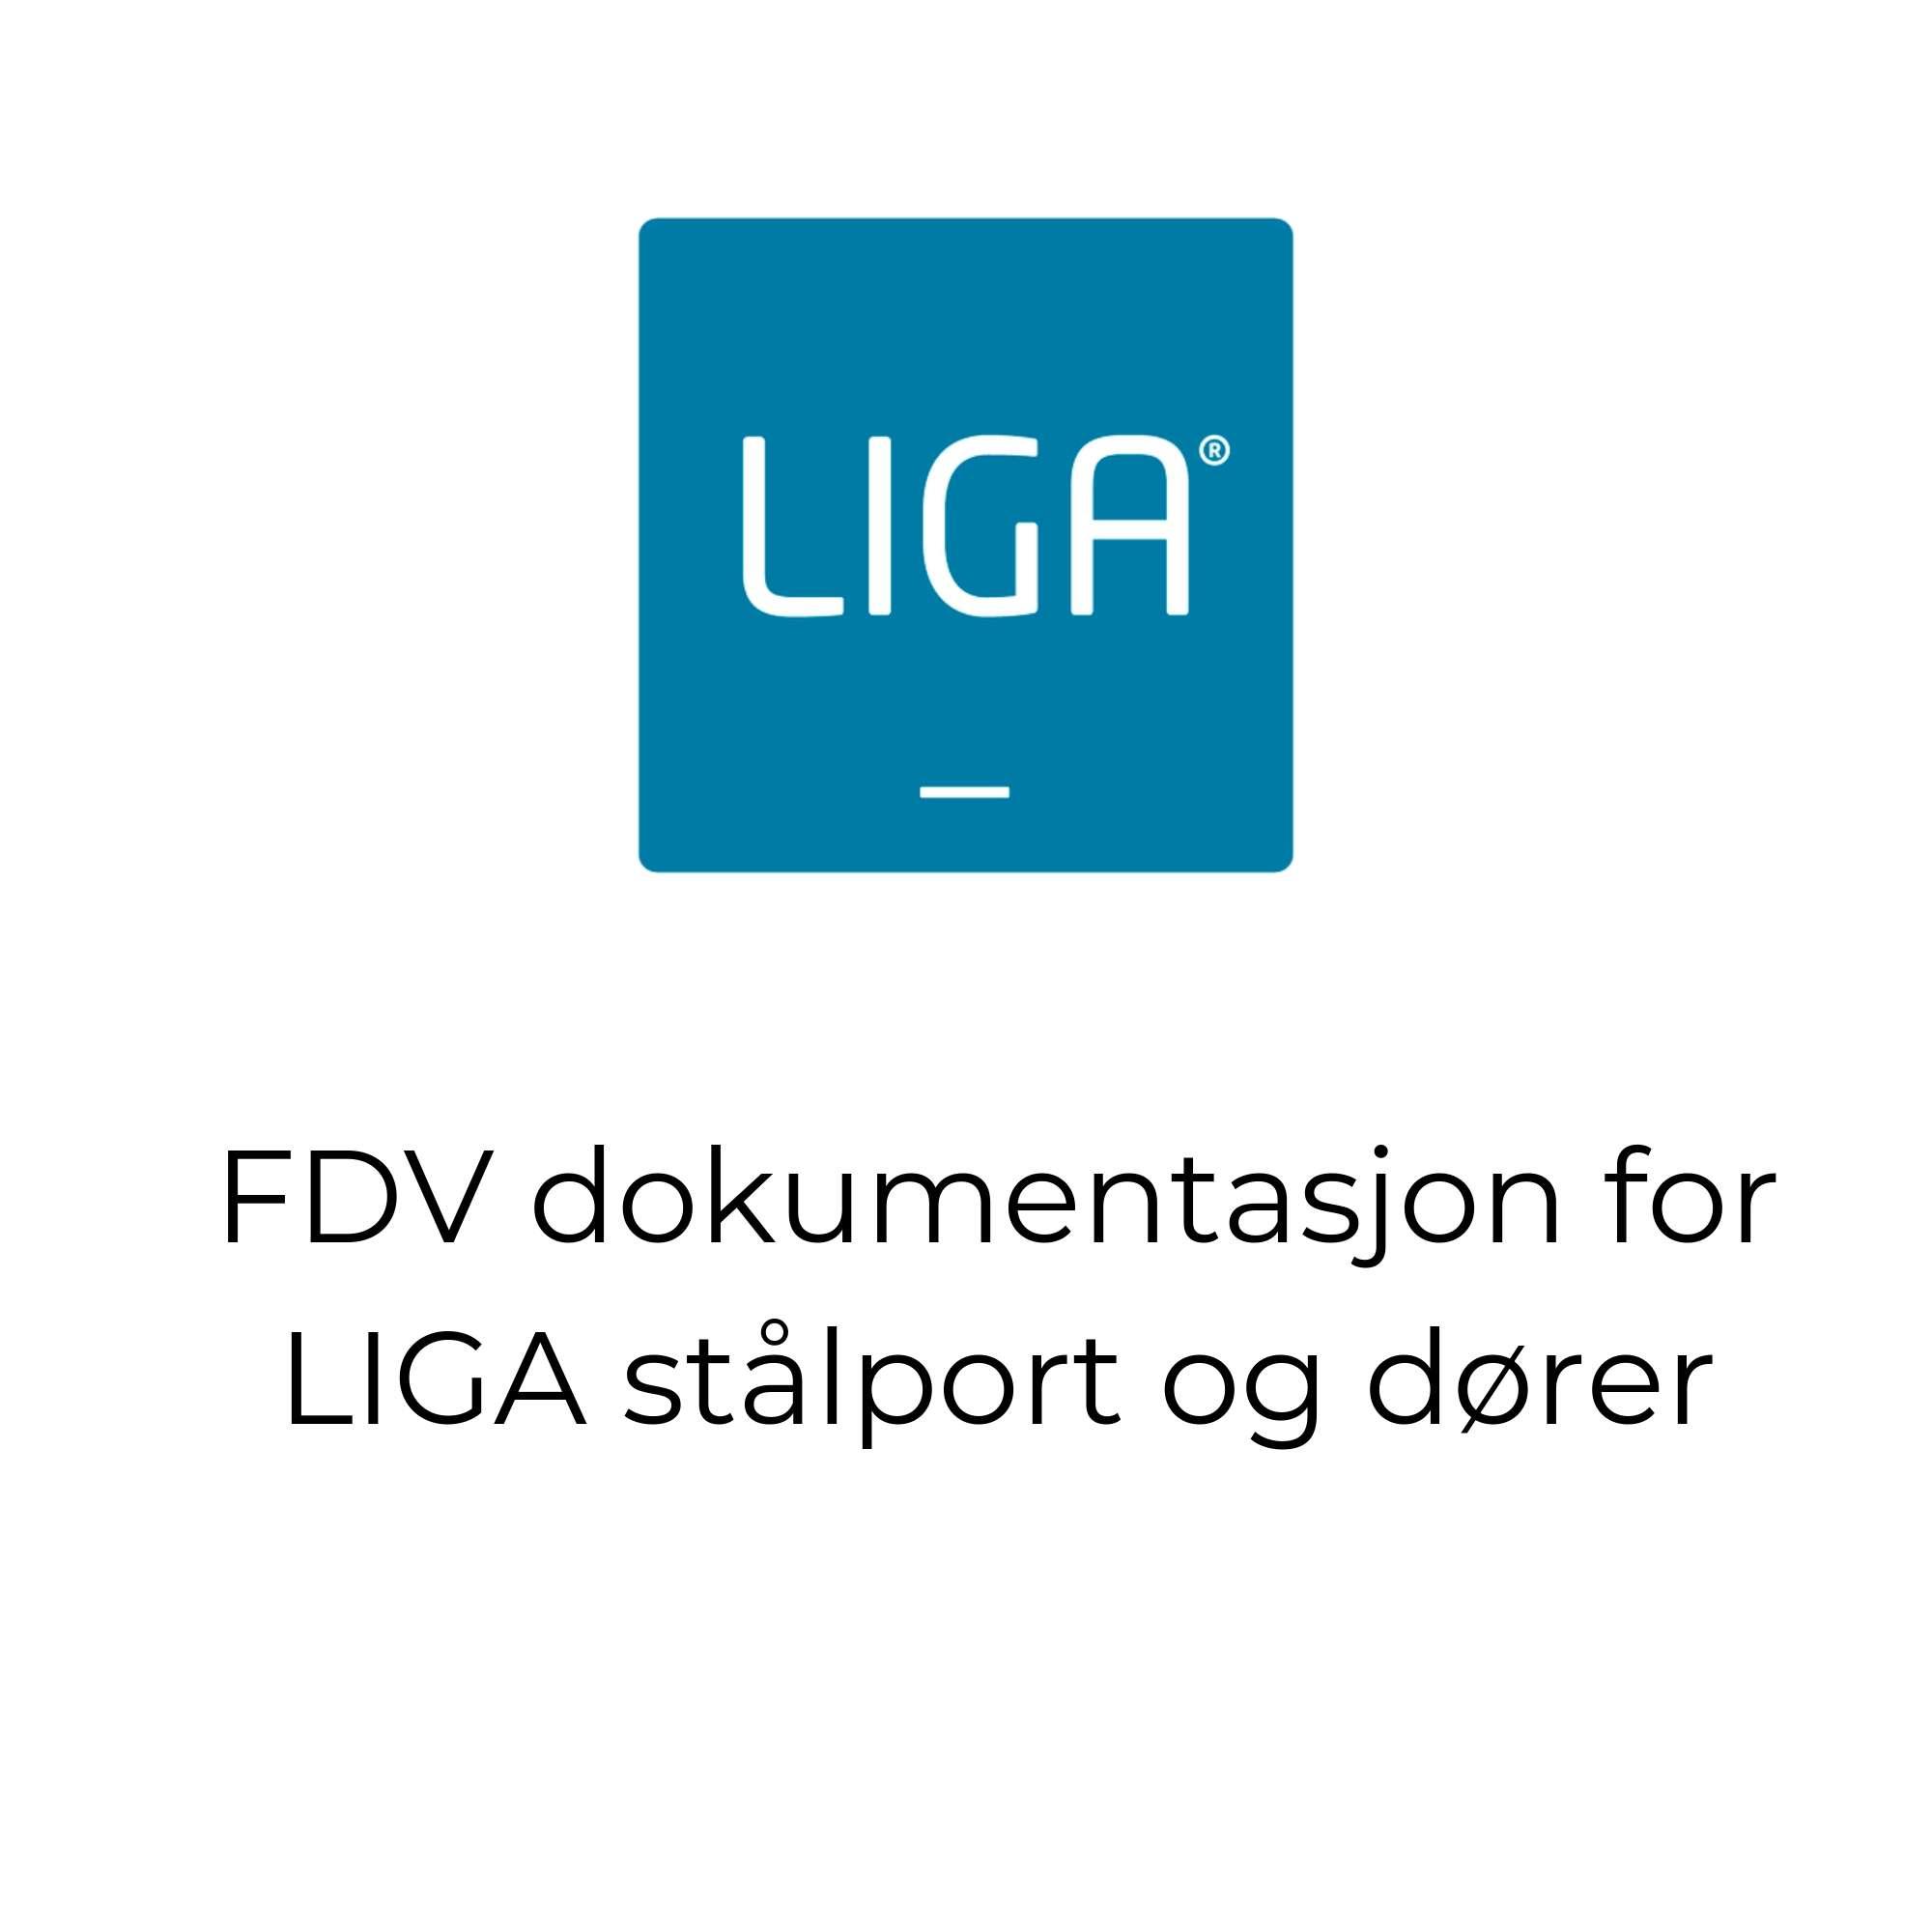 FDV dokumentasjon for LIGA stålport og dører